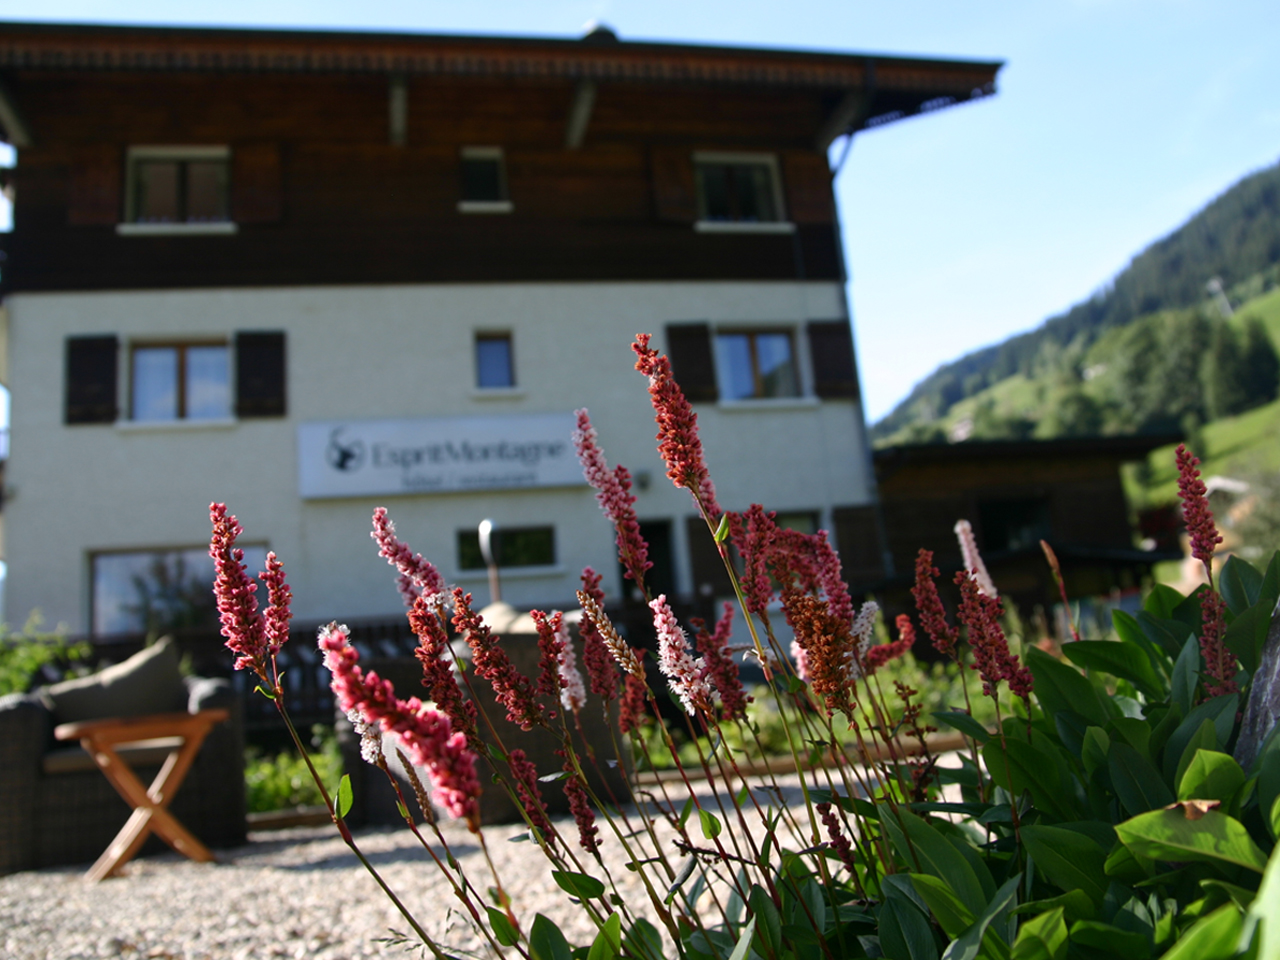 Hotel - Hotel met bloemen